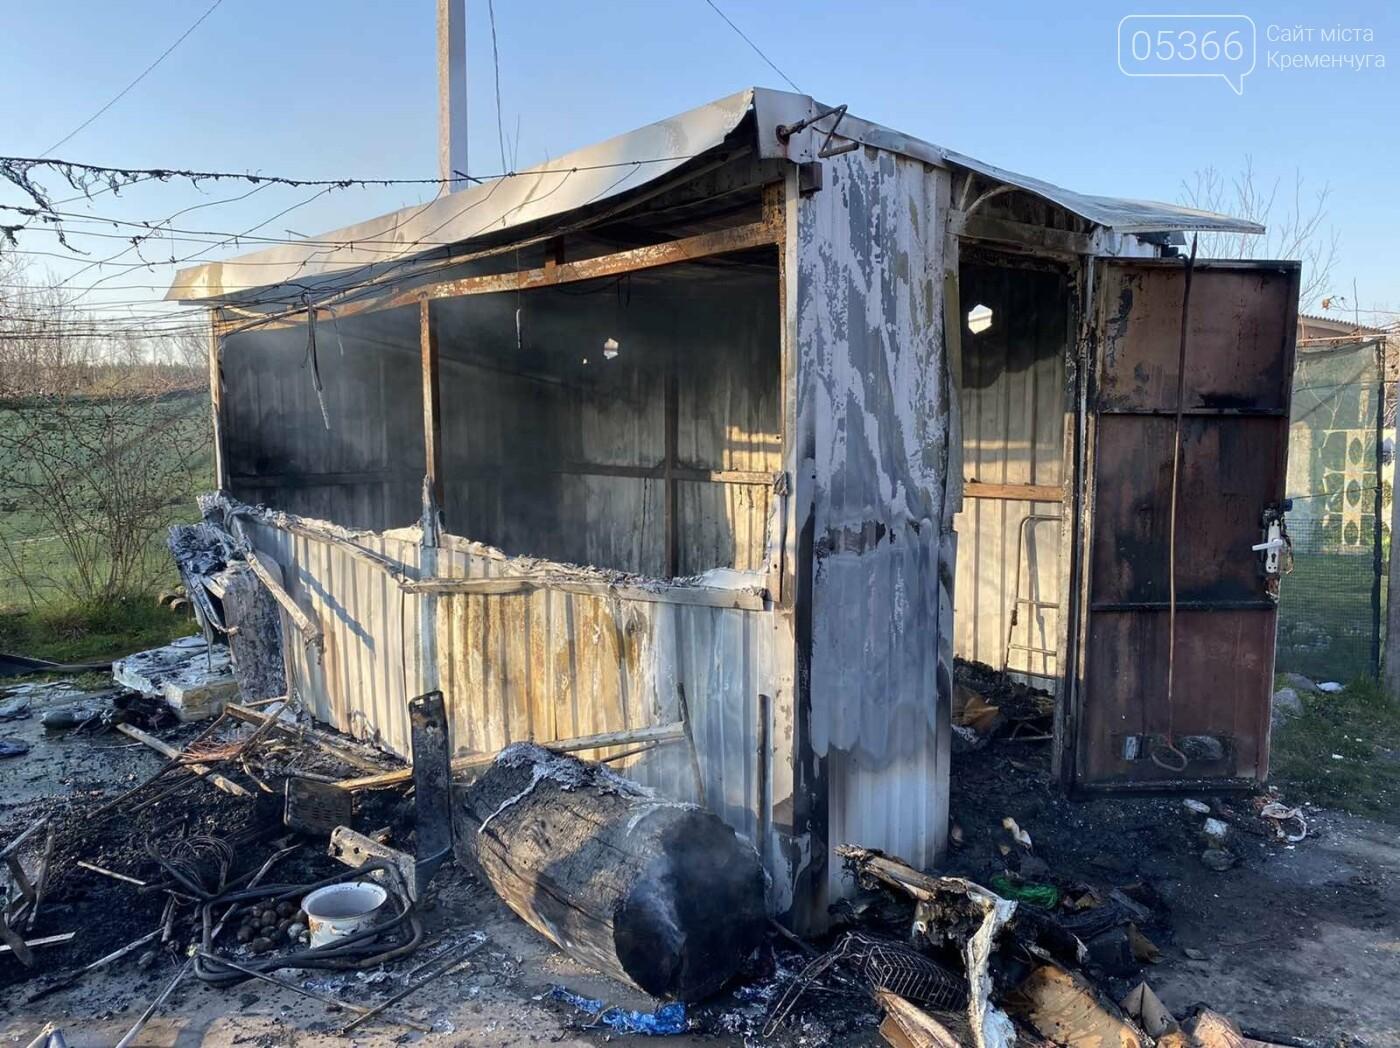 Жінка отримала опіки обличчя і рук : у Кременчуцькому районі сталася пожежа на дачі, фото-2